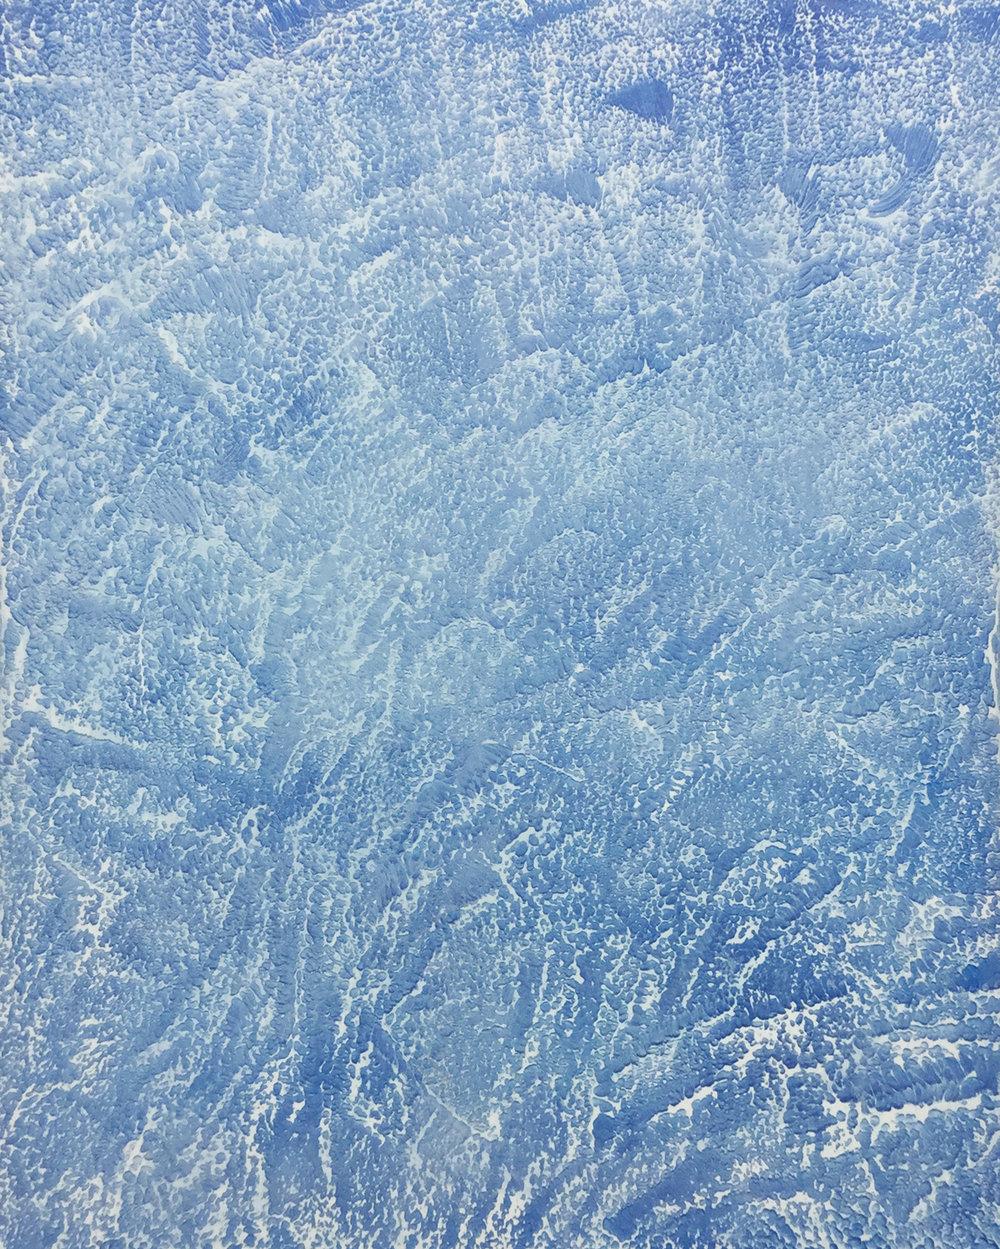 """Pierre Julien, Ronchamp 02 , 2017, plâtre, acrylique et peinture aérosol sur gypse,30"""" x 24"""" (76 x 61 cm)."""